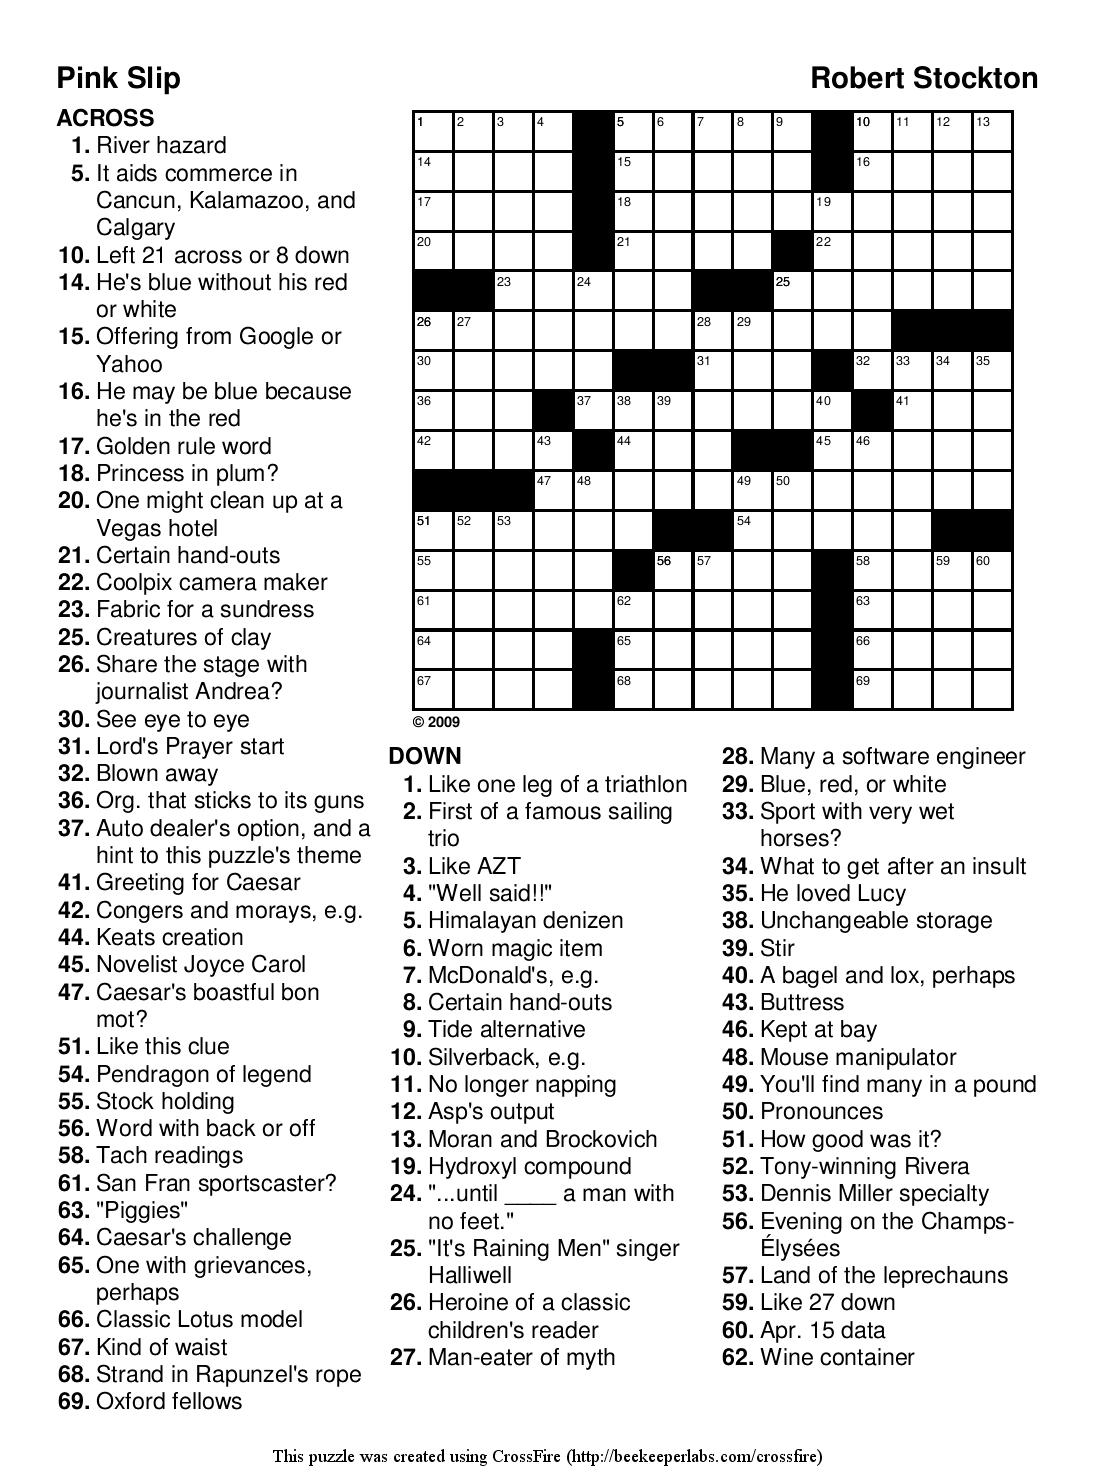 Easy Printable Crossword Puzzels - Infocap Ltd. - Easy Printable Crossword Puzzle Answers